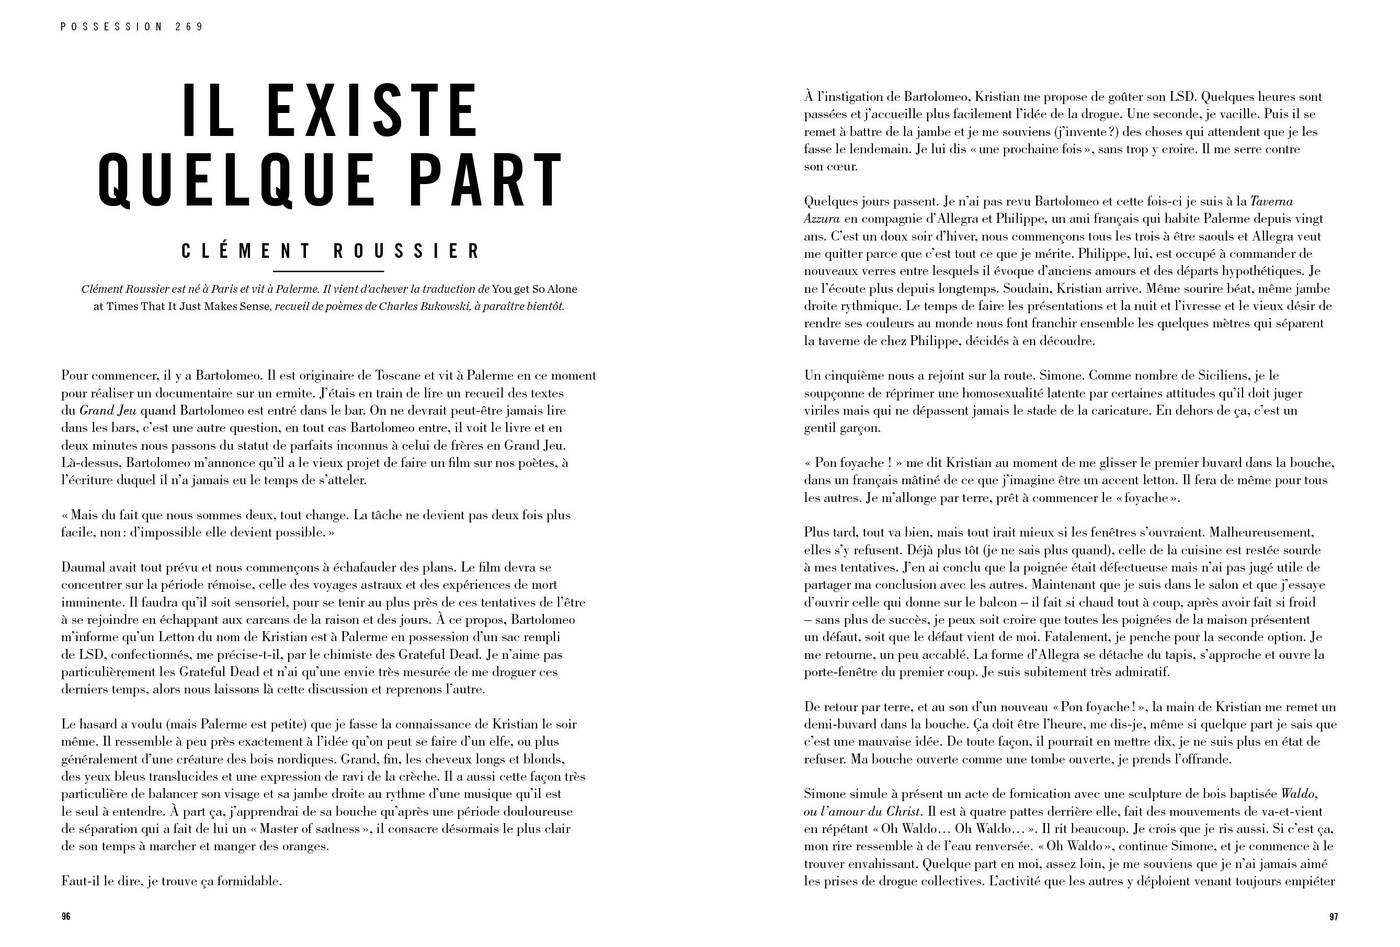 Texte de Clément Roussier, Il existe quelque part